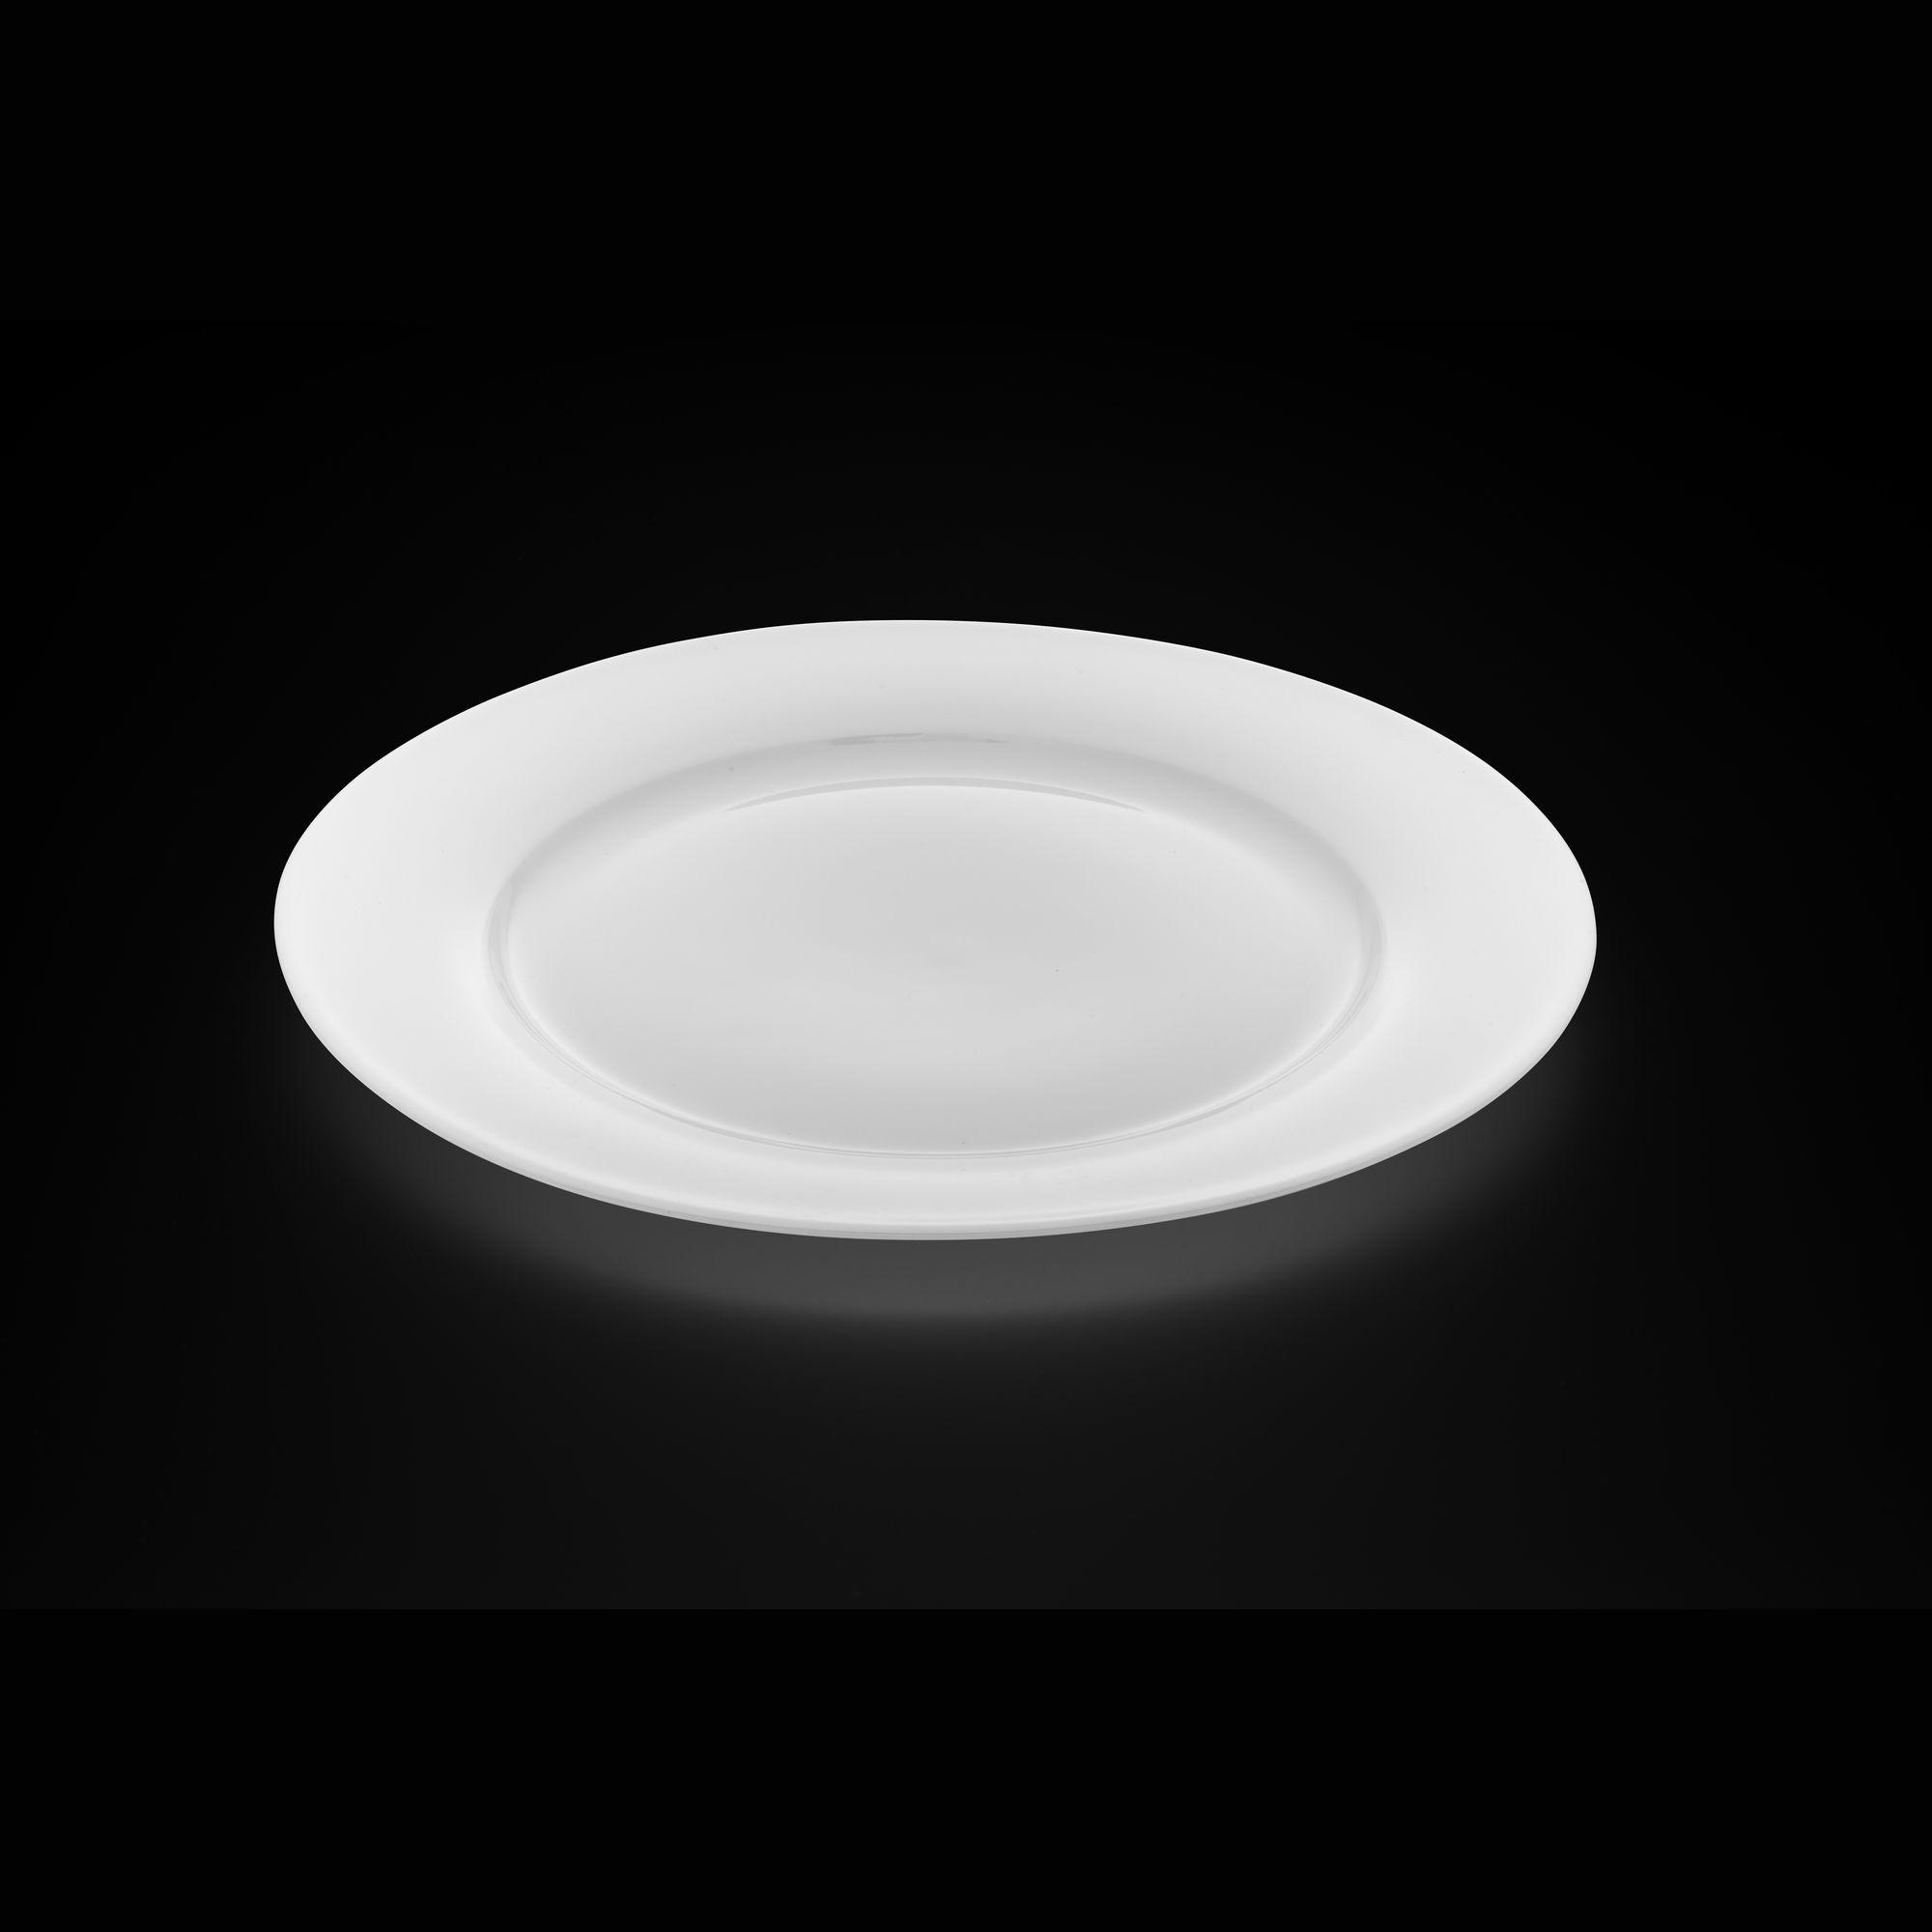 TUDOR ENGLAND Тарелка обеденная 26.7 смФарфор Tudor England – идеальное посудное решение для любой семьи или ресторана благодаря доступной цене, отличному внешнему виду и высокому качеству, прочности и долговечности, привлекательному дизайну и большому ассортименту на выбор. Важным преимуществом является возможность использования в микроволновой печи, духовке (до 280 градусов) и мытья в посудомоечной машине. Линейка Tudor Ware производилась с 1828 года, поэтому фарфор Tudor England является наследником традиций, навыков и технологий ушедших поколений, что отражается в каждой из наших фарфоровых коллекций.<br>